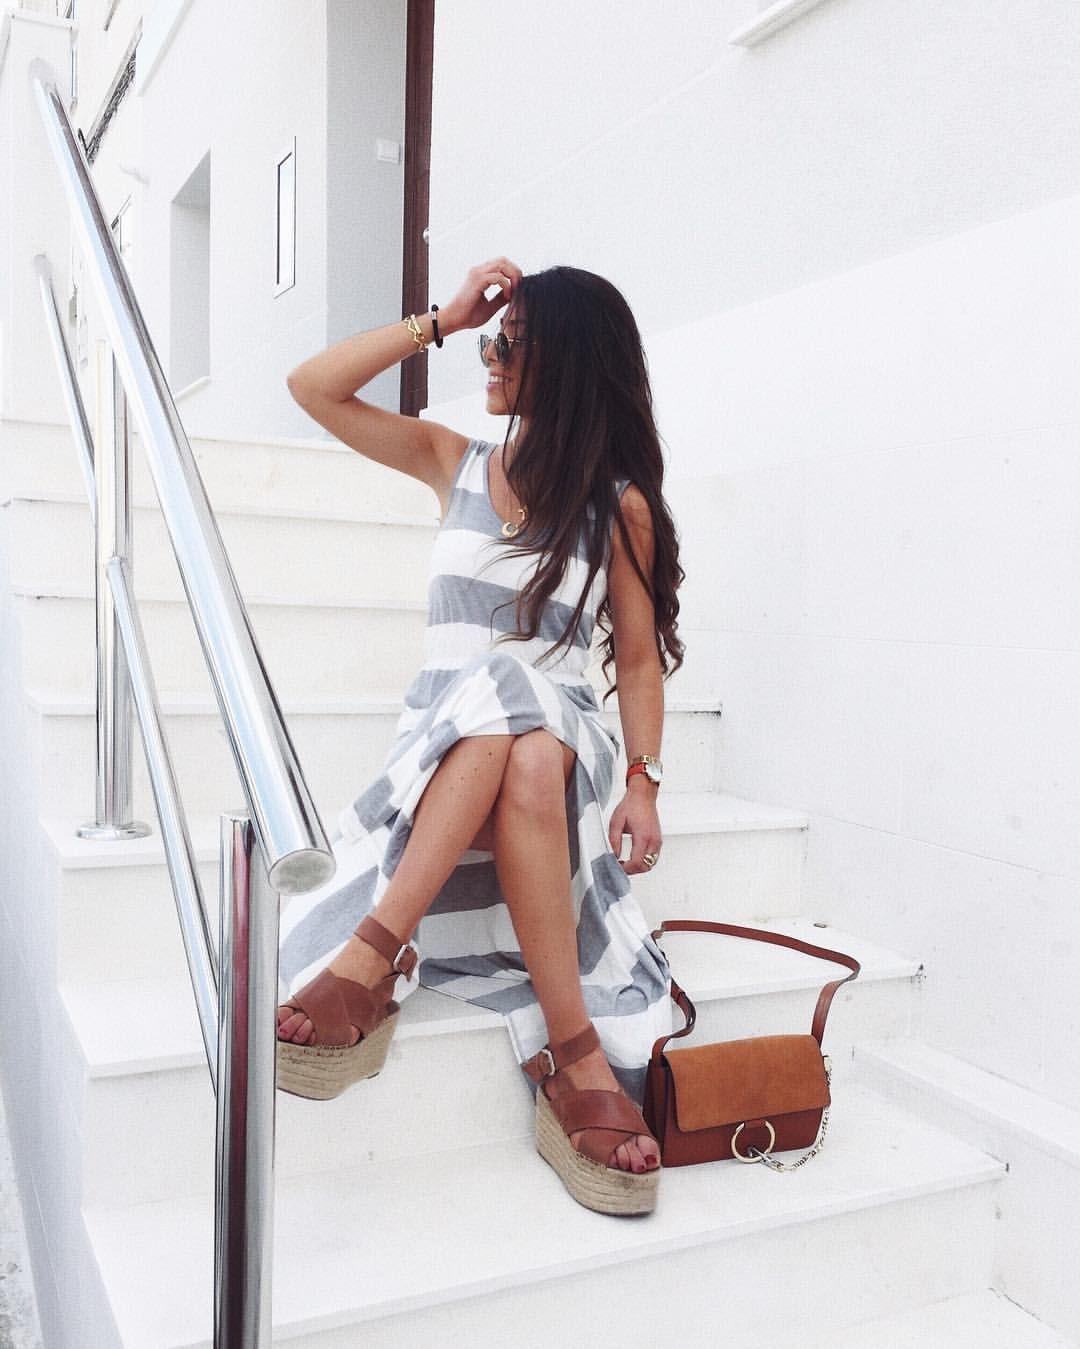 """2,531 Me gusta, 37 comentarios - Patricia Aguado (@patiaguado) en Instagram: """"Buenas noches💛Ya está a la venta la colección tropical #EsMaraByLidl de @lidlespana 🍍🌴 Me he…"""""""